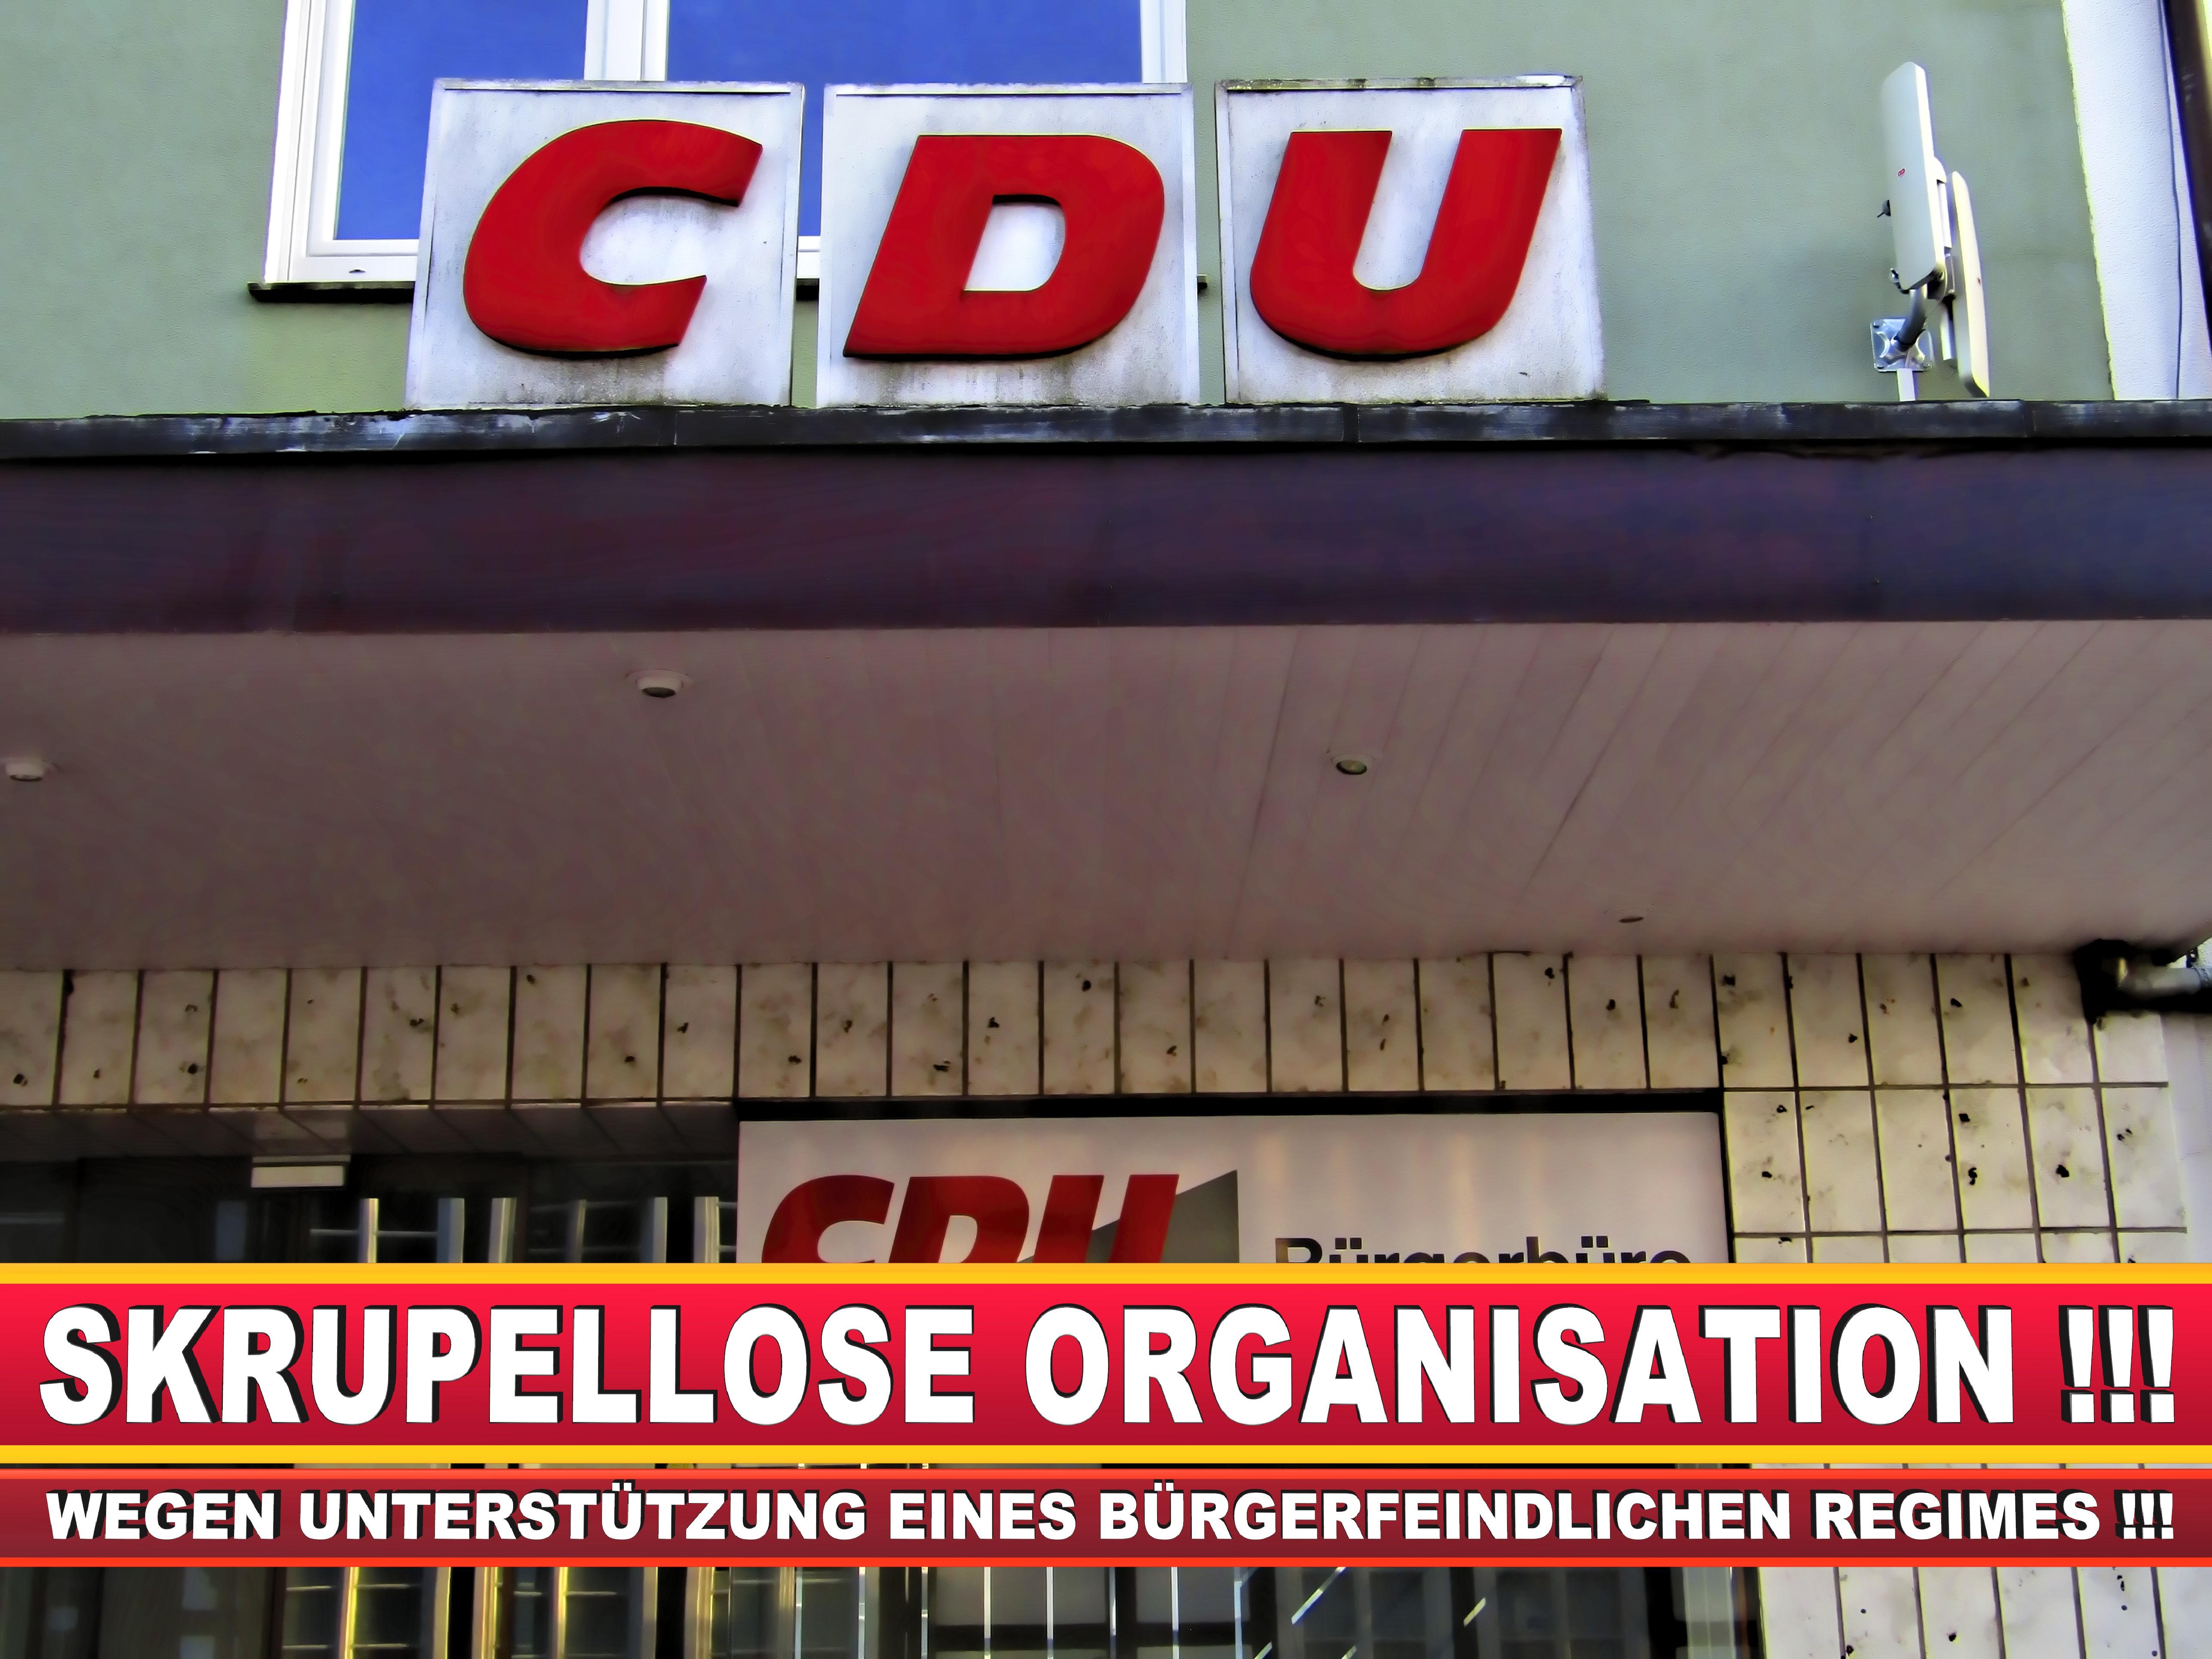 CDU GEMEINDEVERBAND STEINHAGEN AM MARKT 13 33803 STEINHAGEN NRW ORTSVERBAND CDU STEINHAGEN (5)